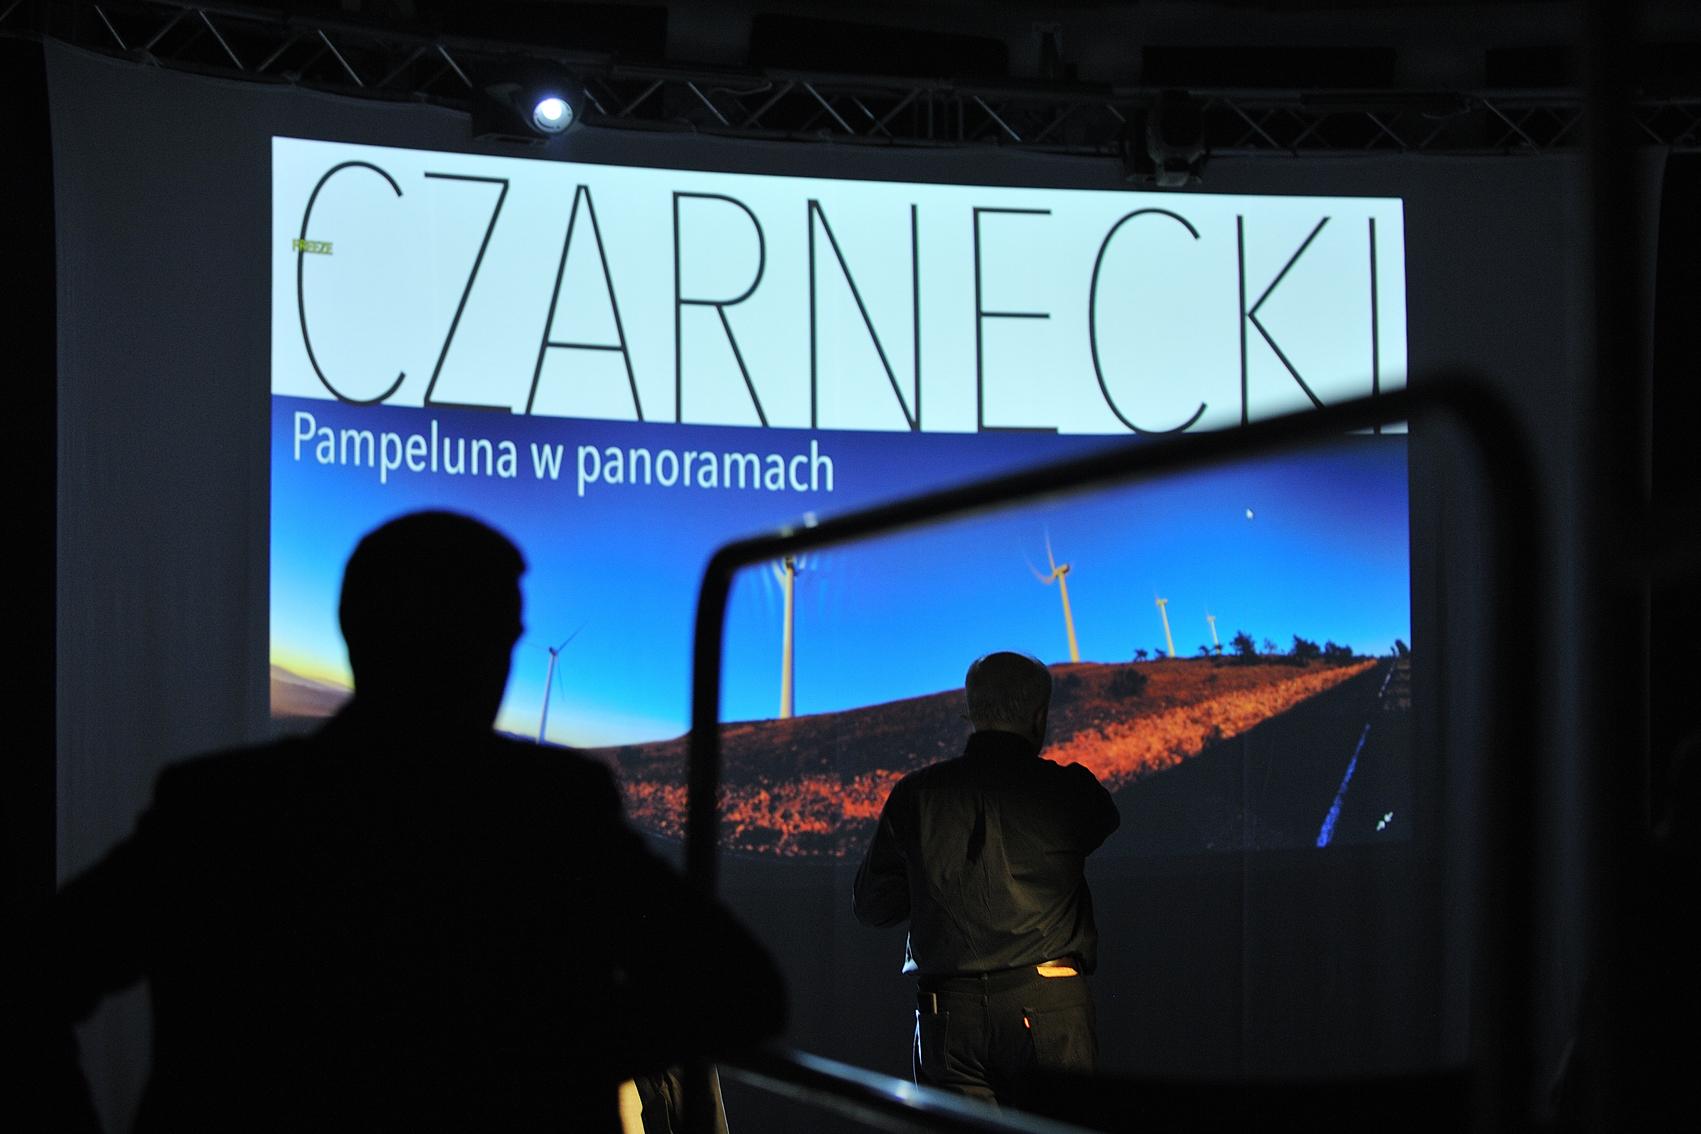 Spotkanie z Markiem Czarneckim